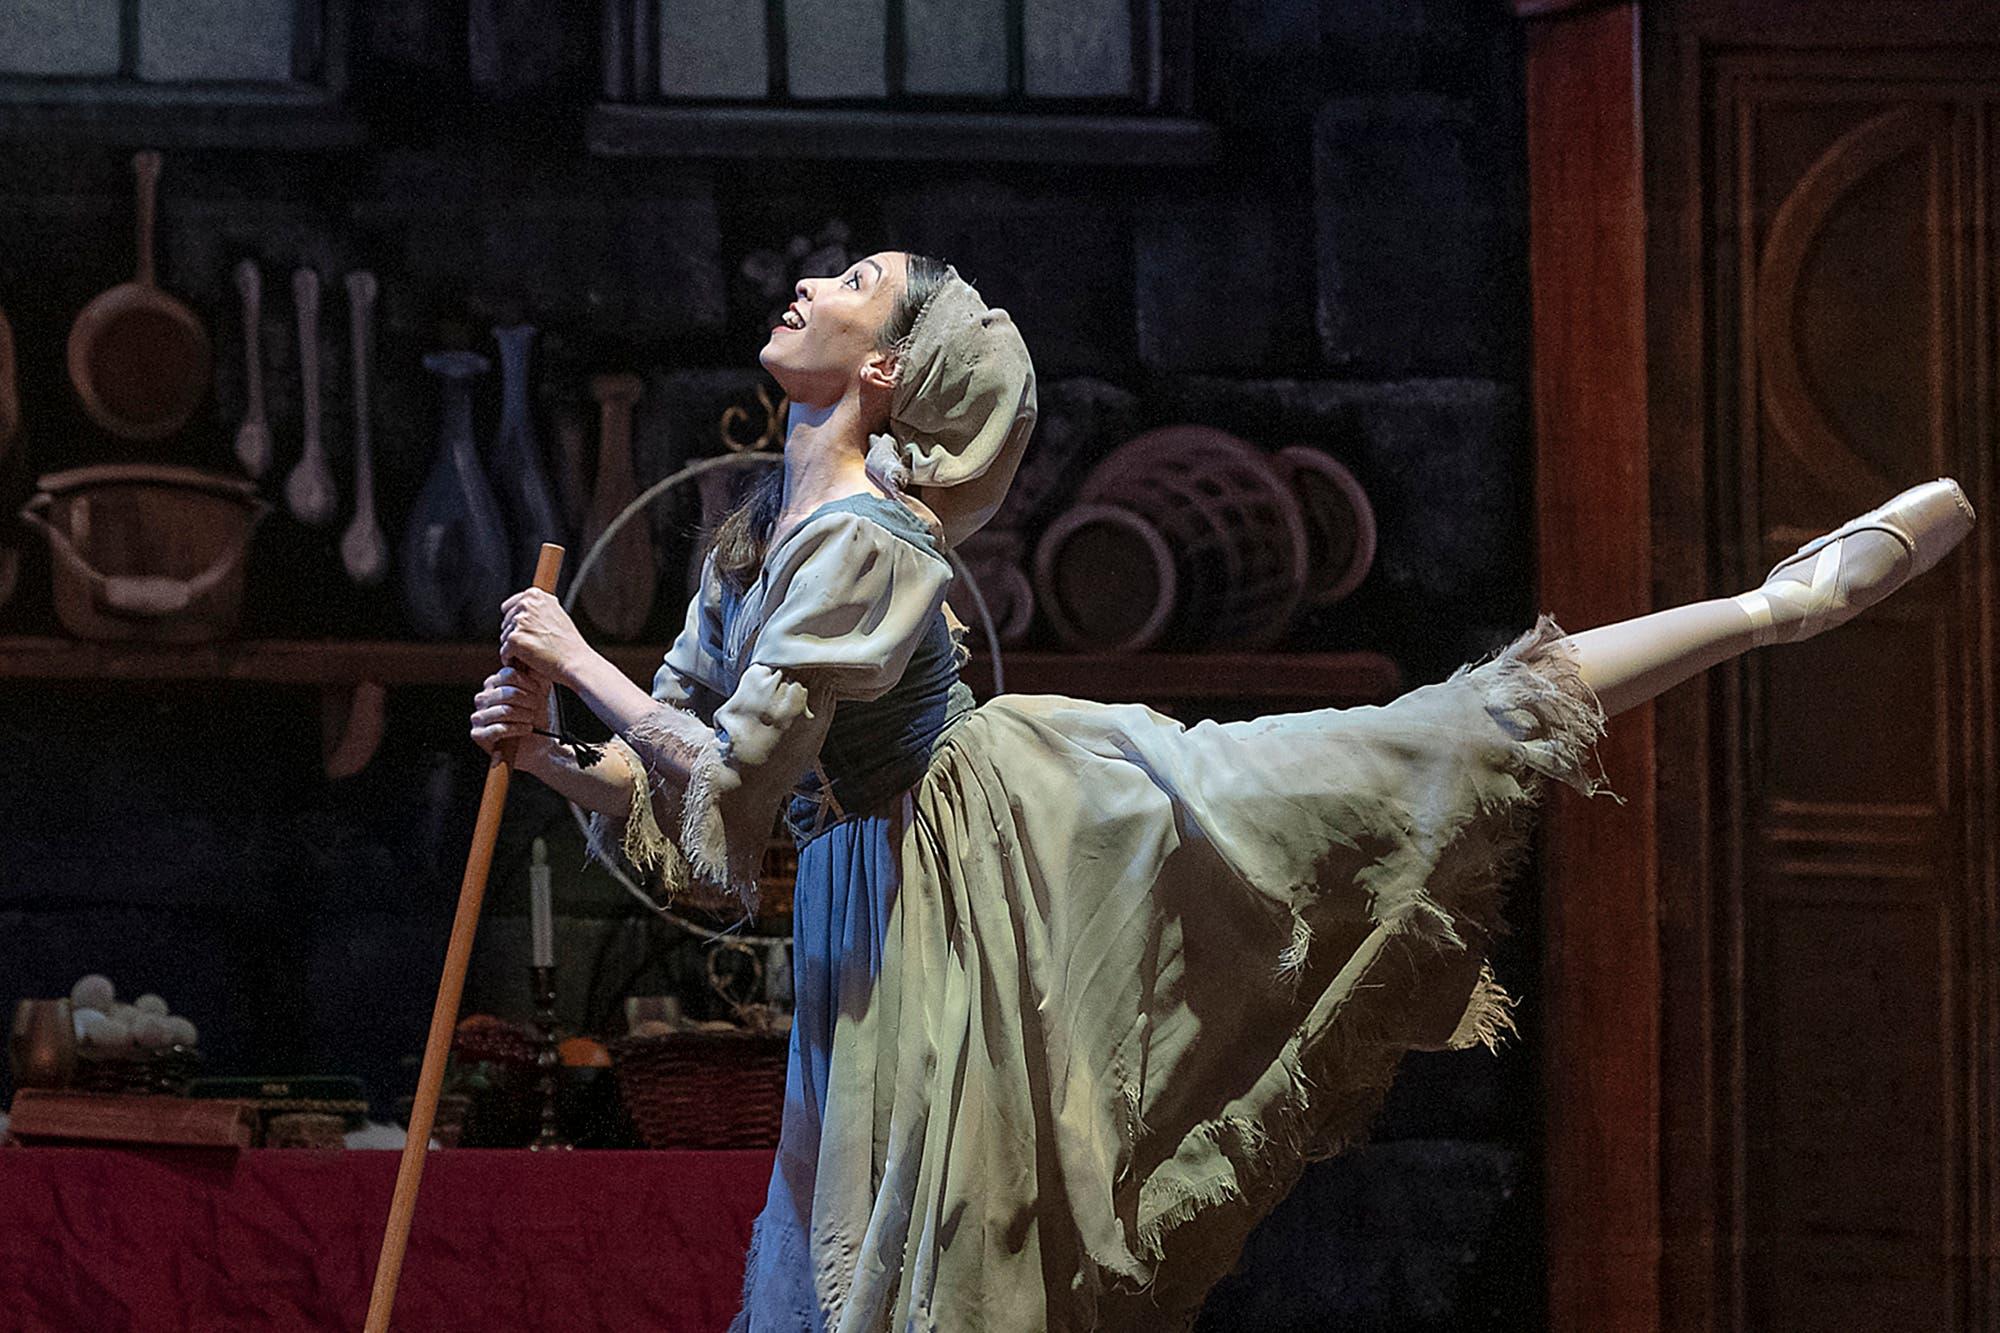 La Cenicienta en el Teatro Colón: cuando el ballet le saca partido al amor y al humor